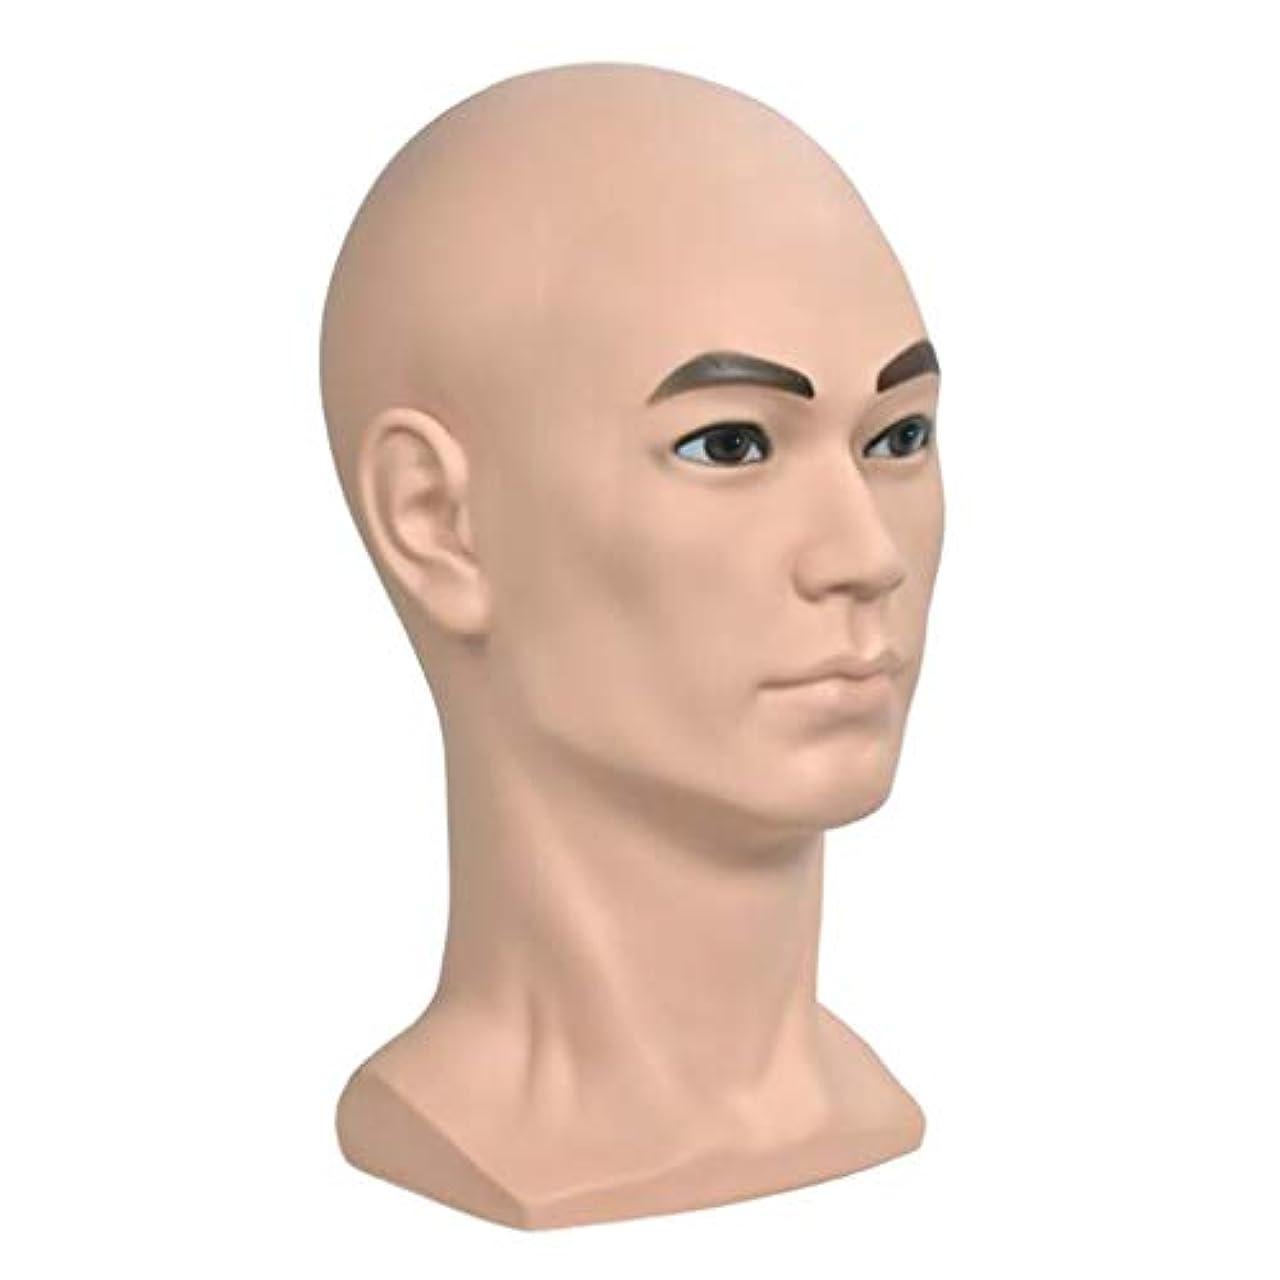 に対応できれば代表団predolo マネキンヘッド 男性 ヘッドモデル メイク 化粧練習 かつら ウィッグ ディスプレイ ホルダー